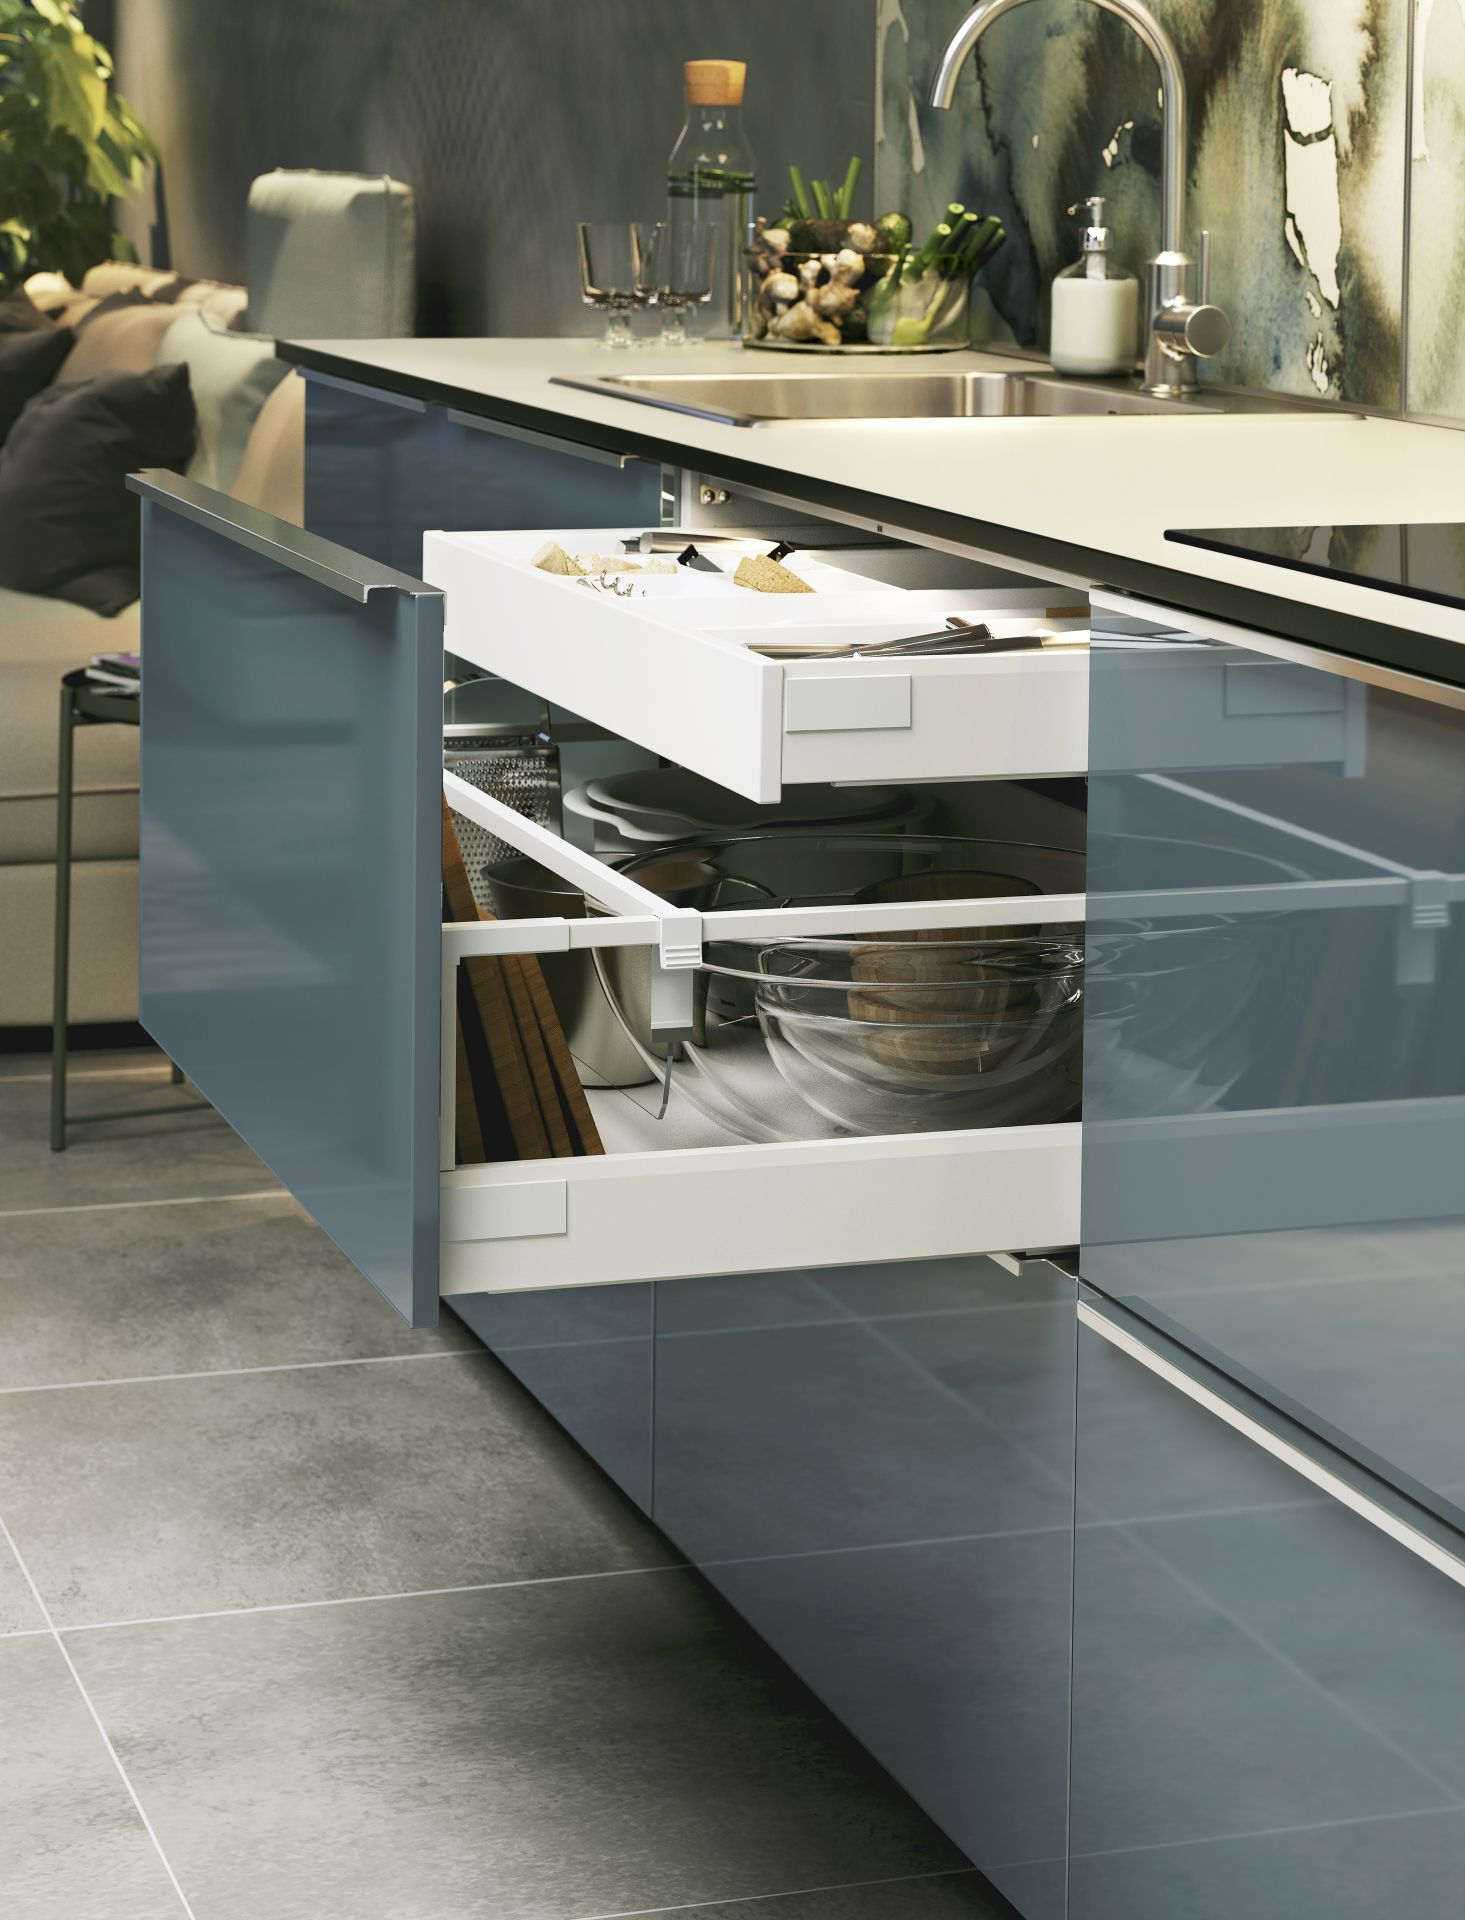 Full Size of Mbel Einrichtungsideen Fr Dein Zuhause Ikea Kche Betten Bei Sofa Mit Schlaffunktion Küche Kaufen Modulküche Kosten Miniküche 160x200 Wohnzimmer Küchenschrank Ikea